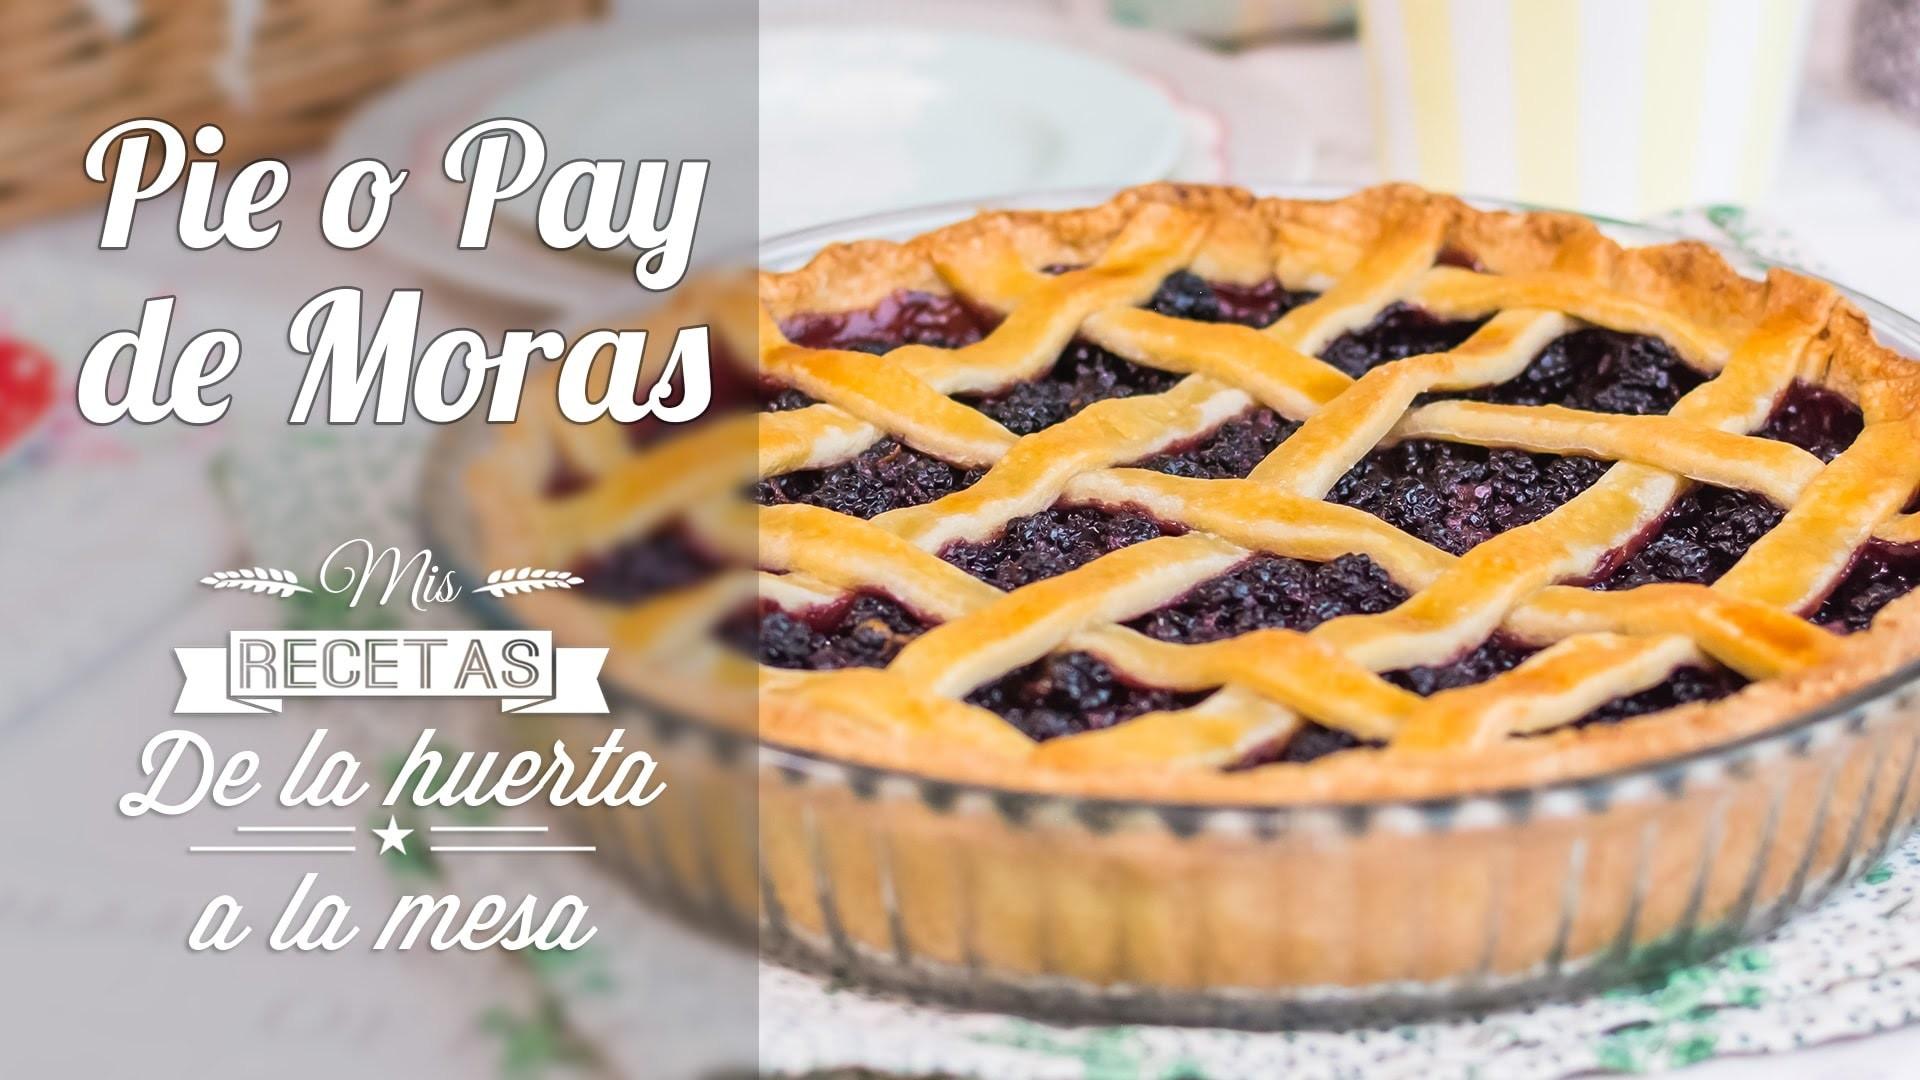 Pie o Pay de Moras  | De la huerta a la mesa | Quiero Cupcakes!